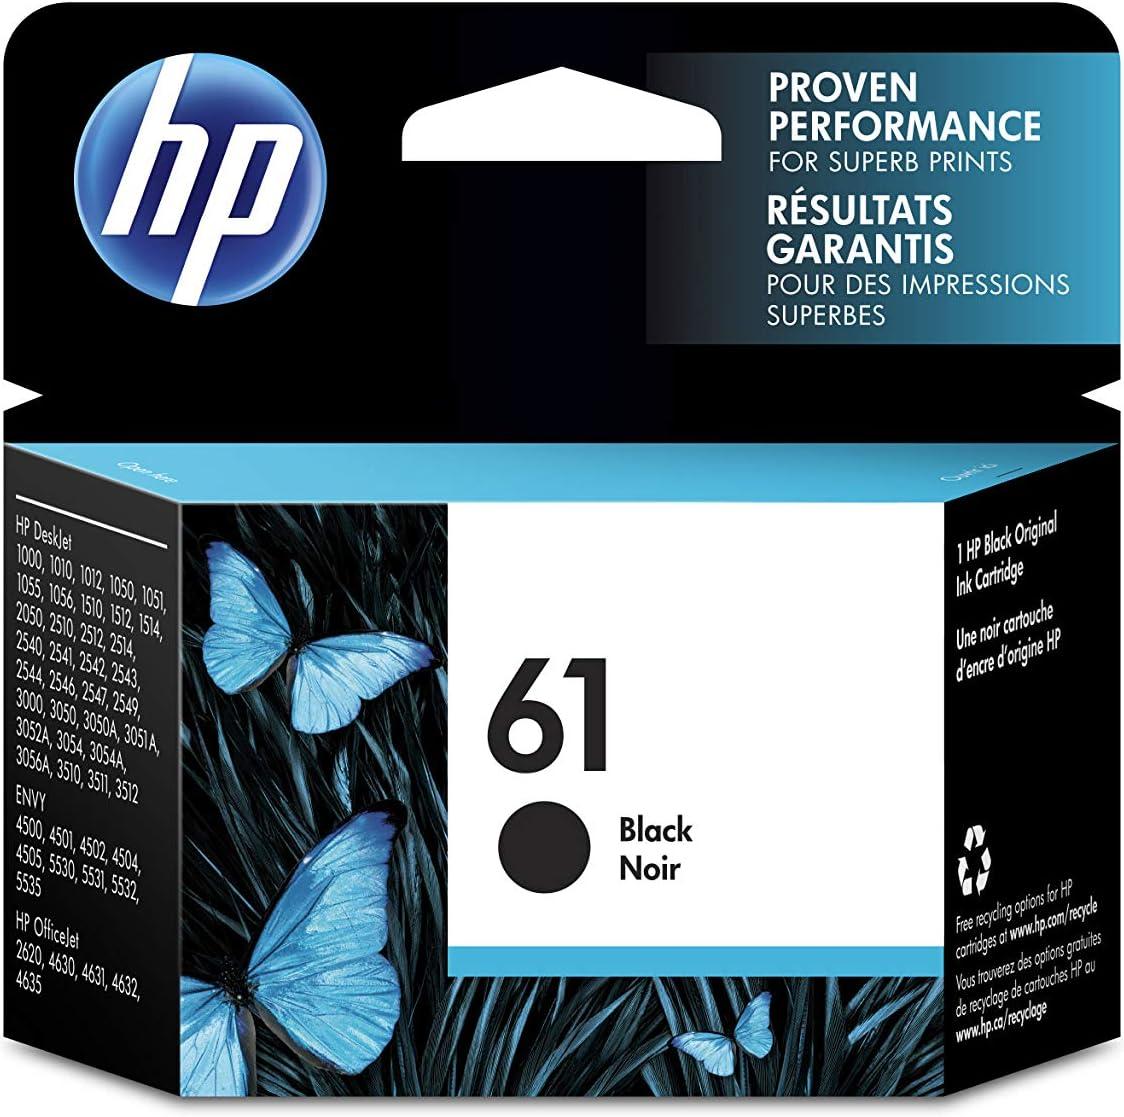 #61 XL 61XL Lot Ink Cartridge for HP Deskjet 2549 2543 3511 Officejet 4630 2620